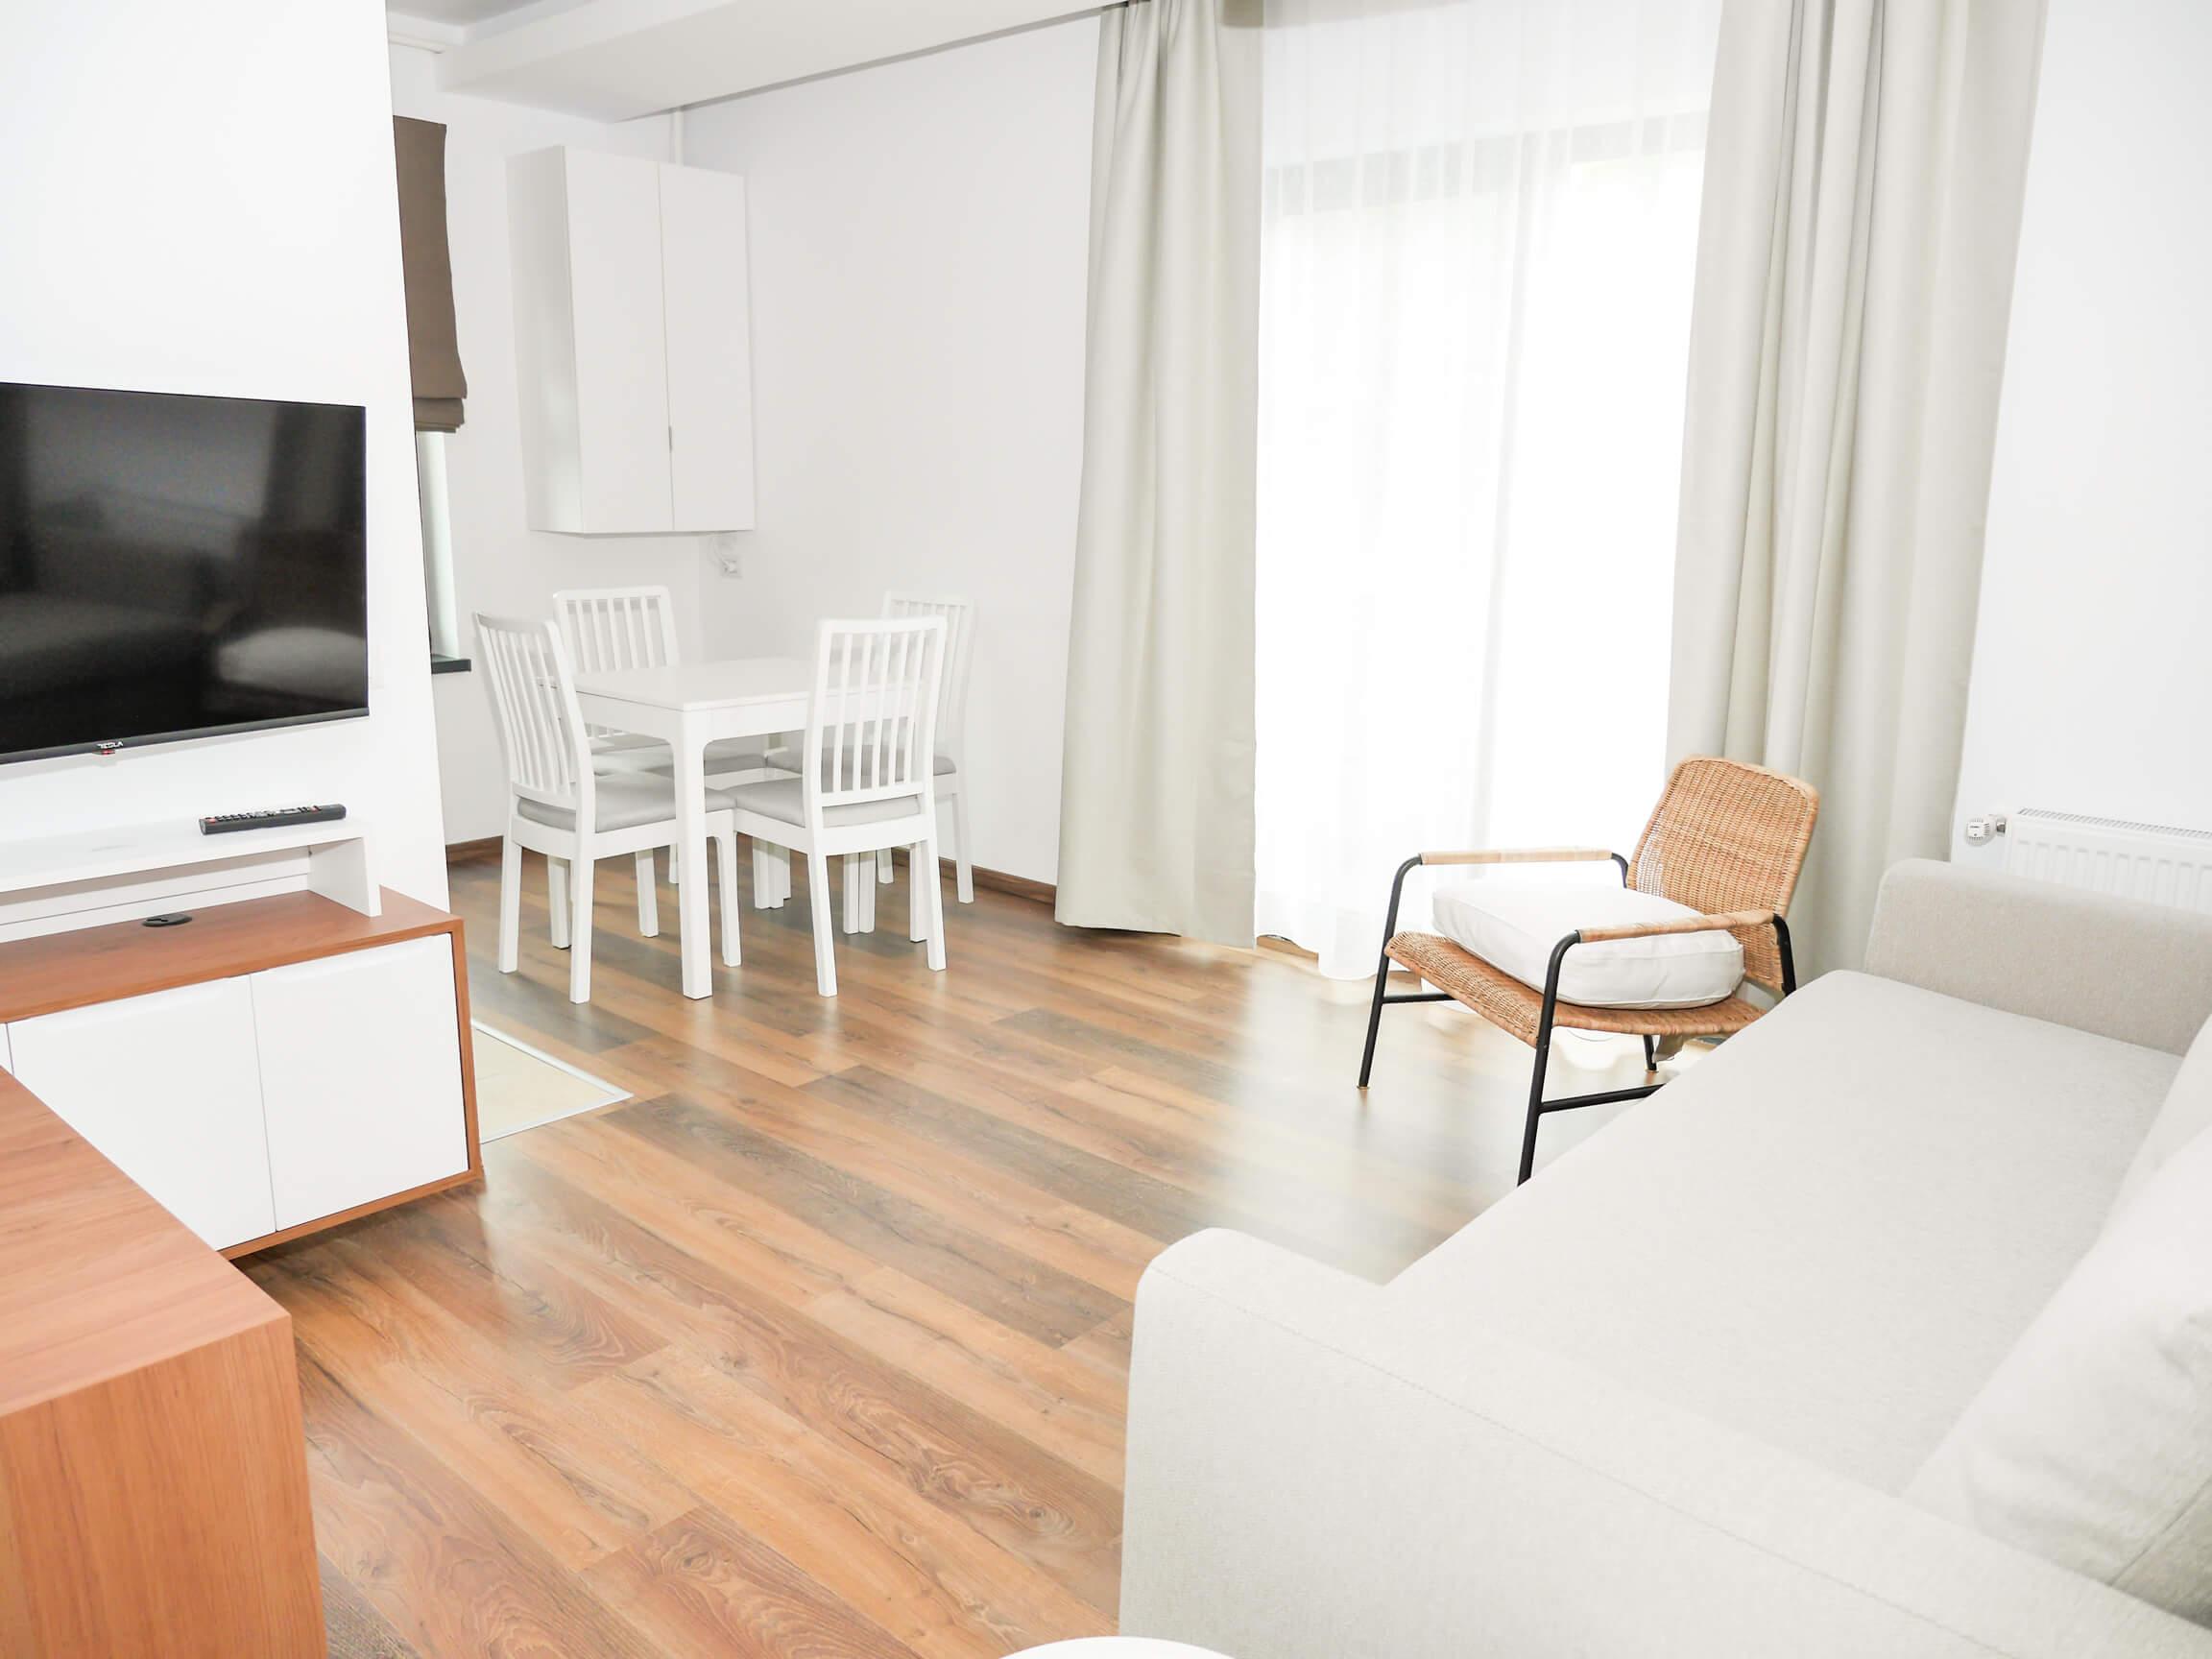 Clement Apartments - apartamente de inchiriat in regim hotelier - cazare neamt - cazare piatra neamt (1) - apartament 3